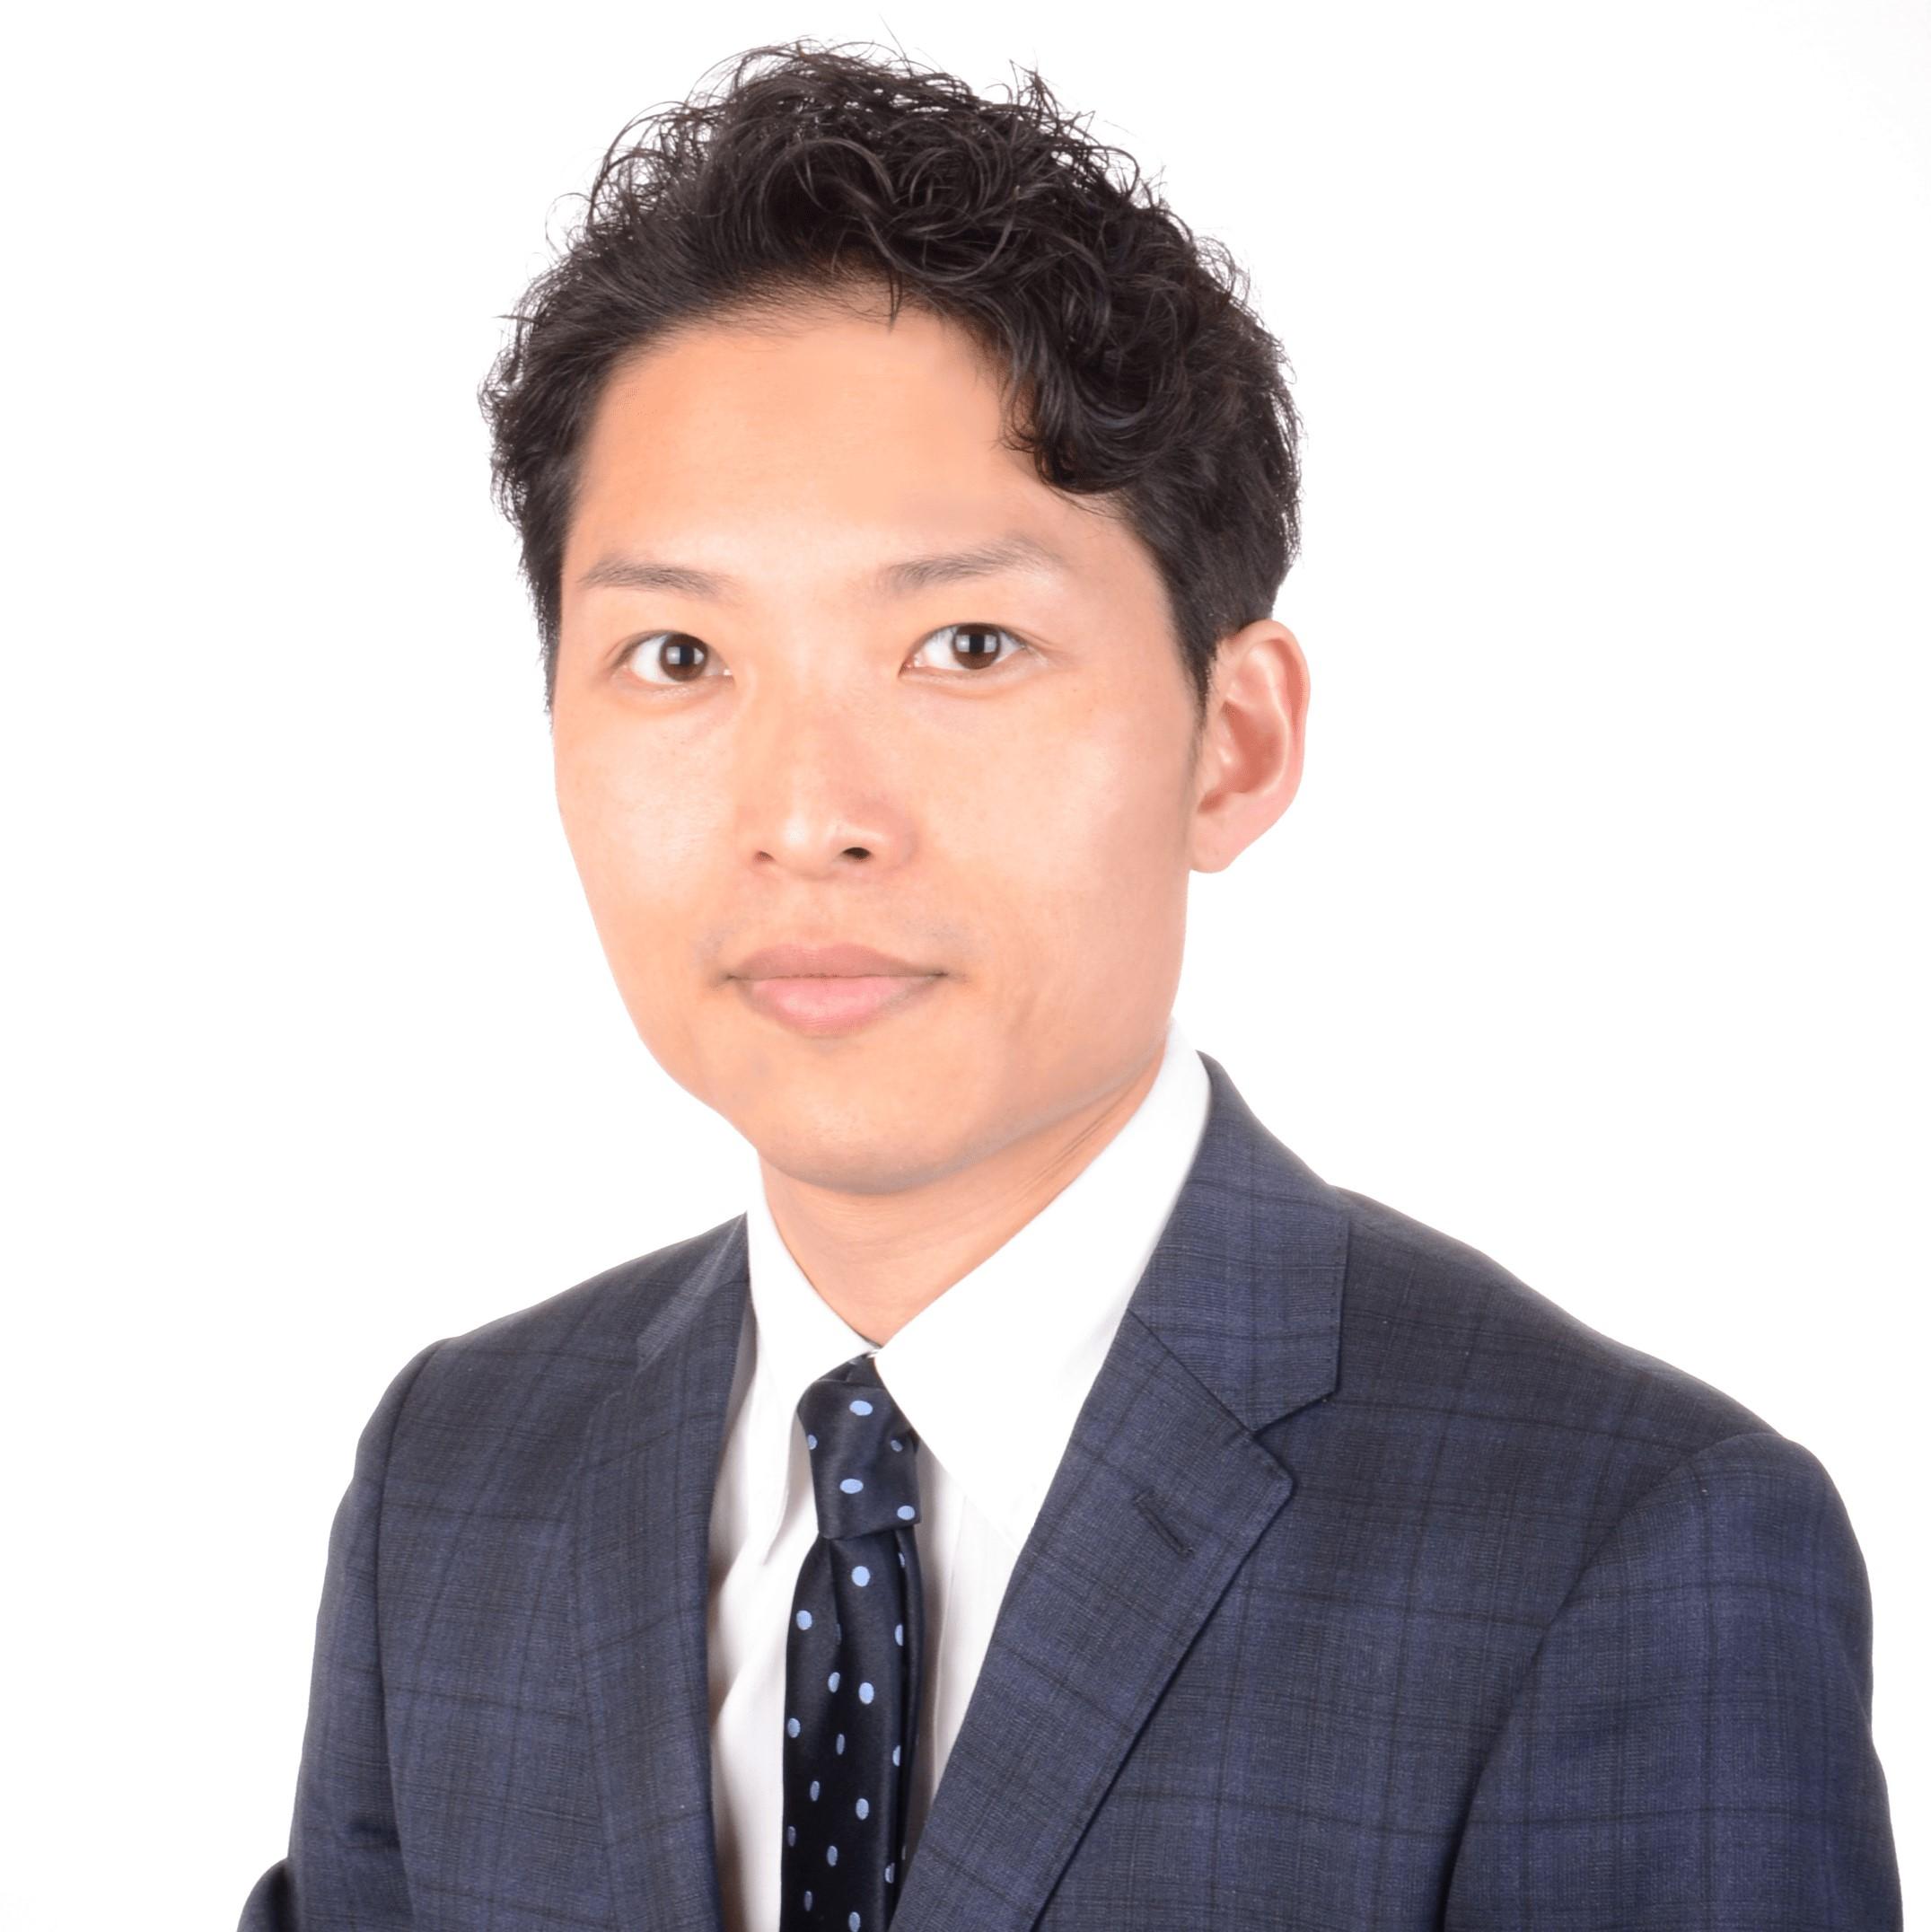 神戸三宮社会保険労務士事務所 石川 琢磨